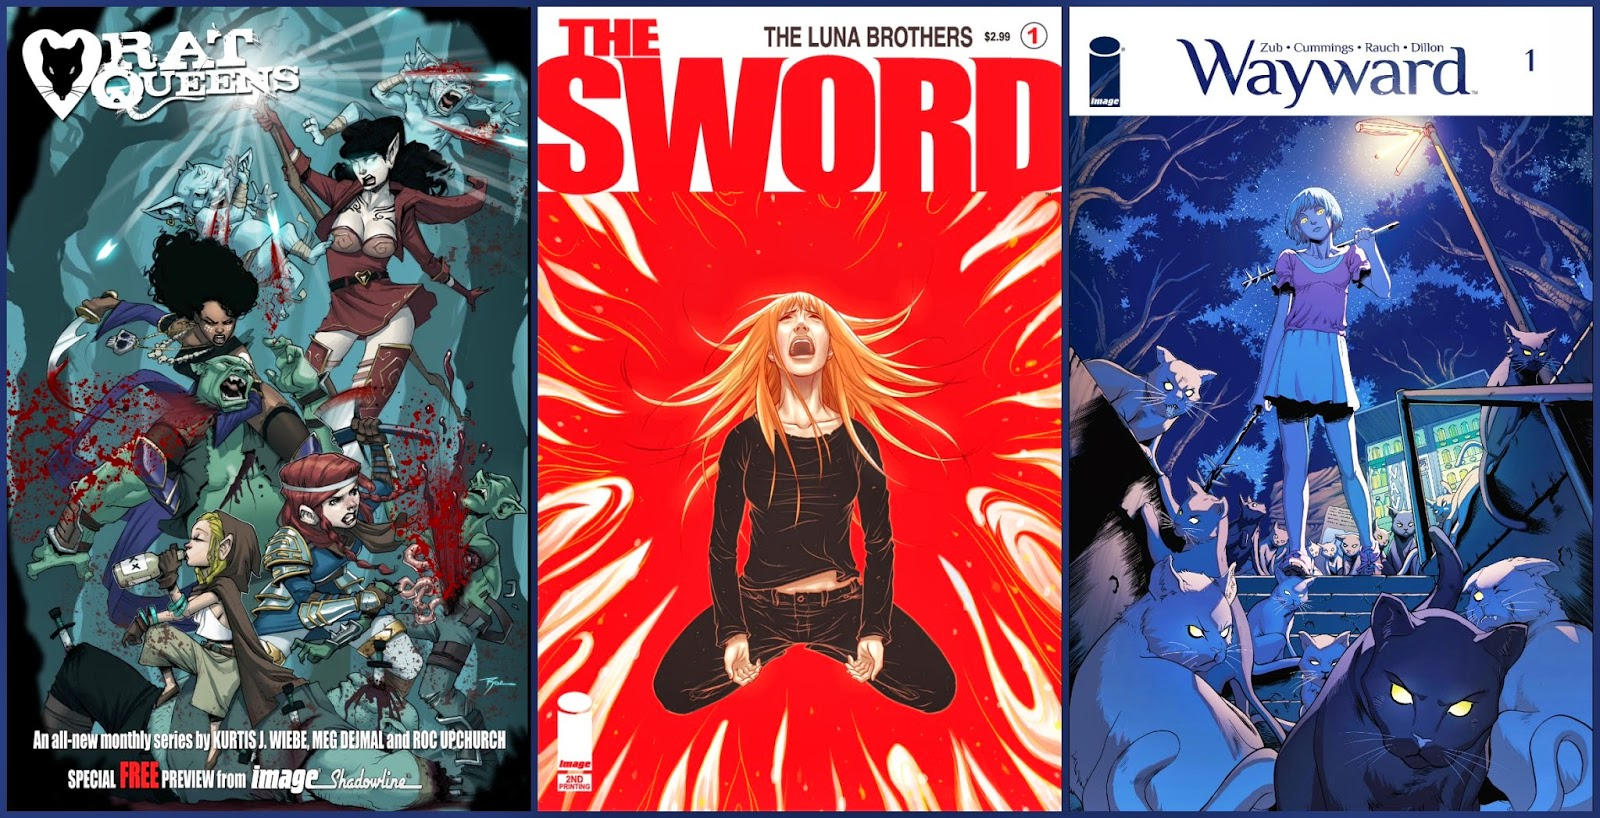 Rat Queens, The Sword, Wayward, comics